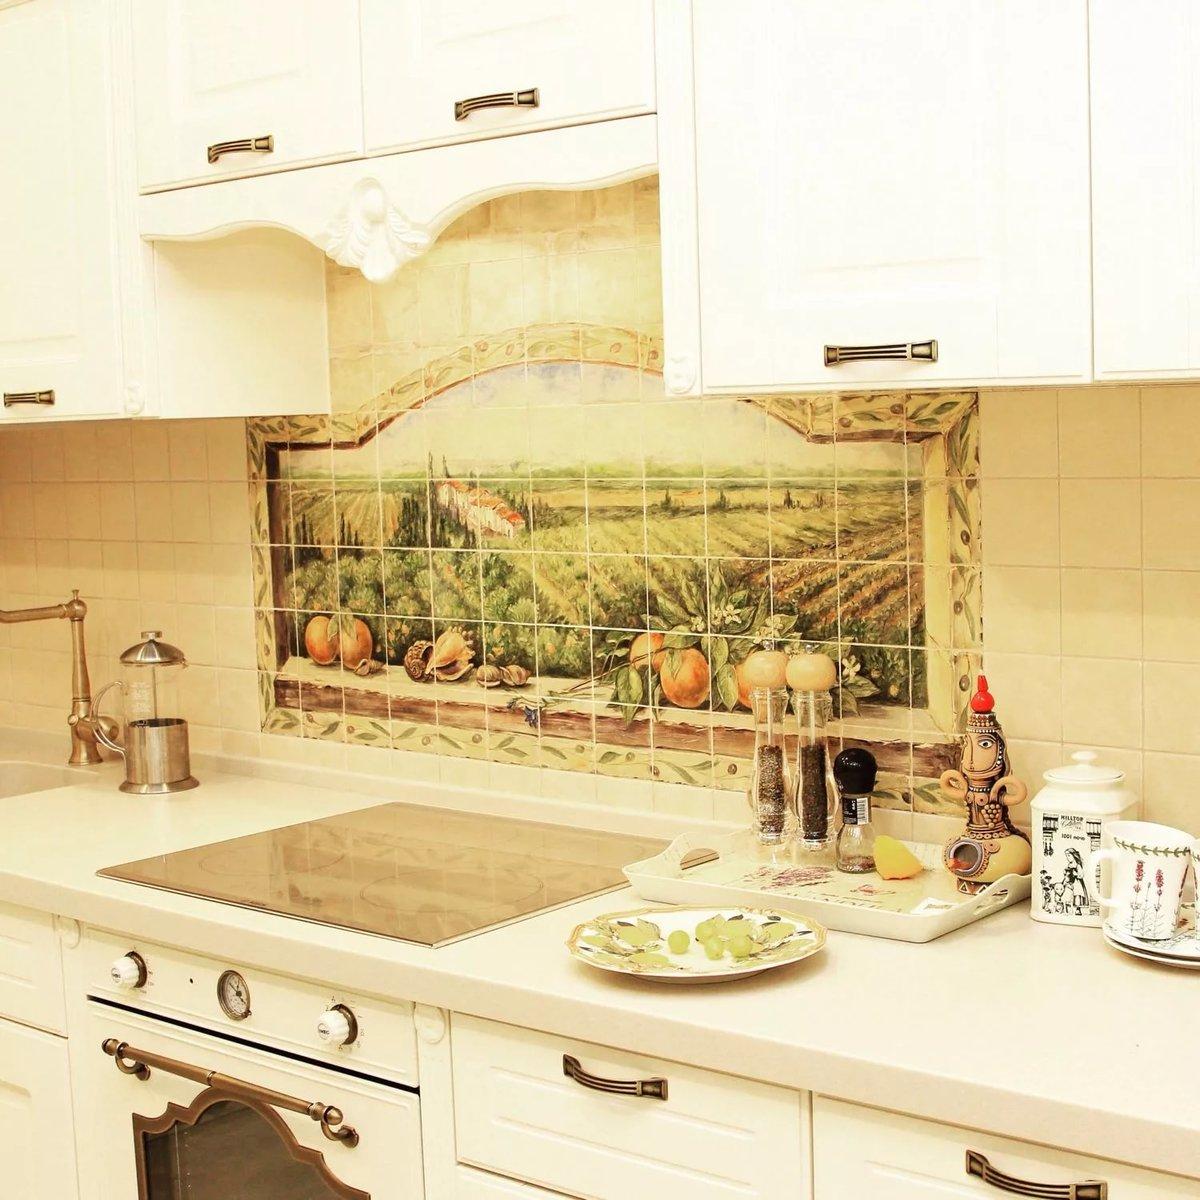 козули рецепт плитка панно для кухни картинки большинство